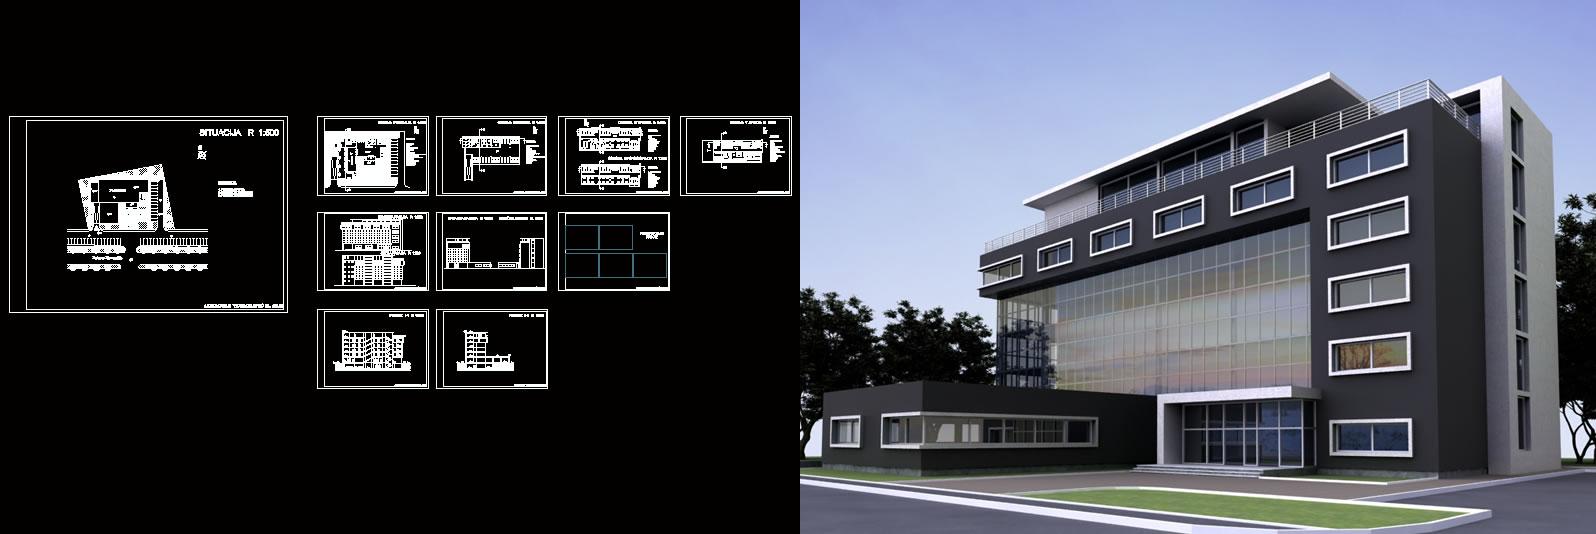 imagen Edificio administrativo, en Oficinas bancos y administración - Proyectos